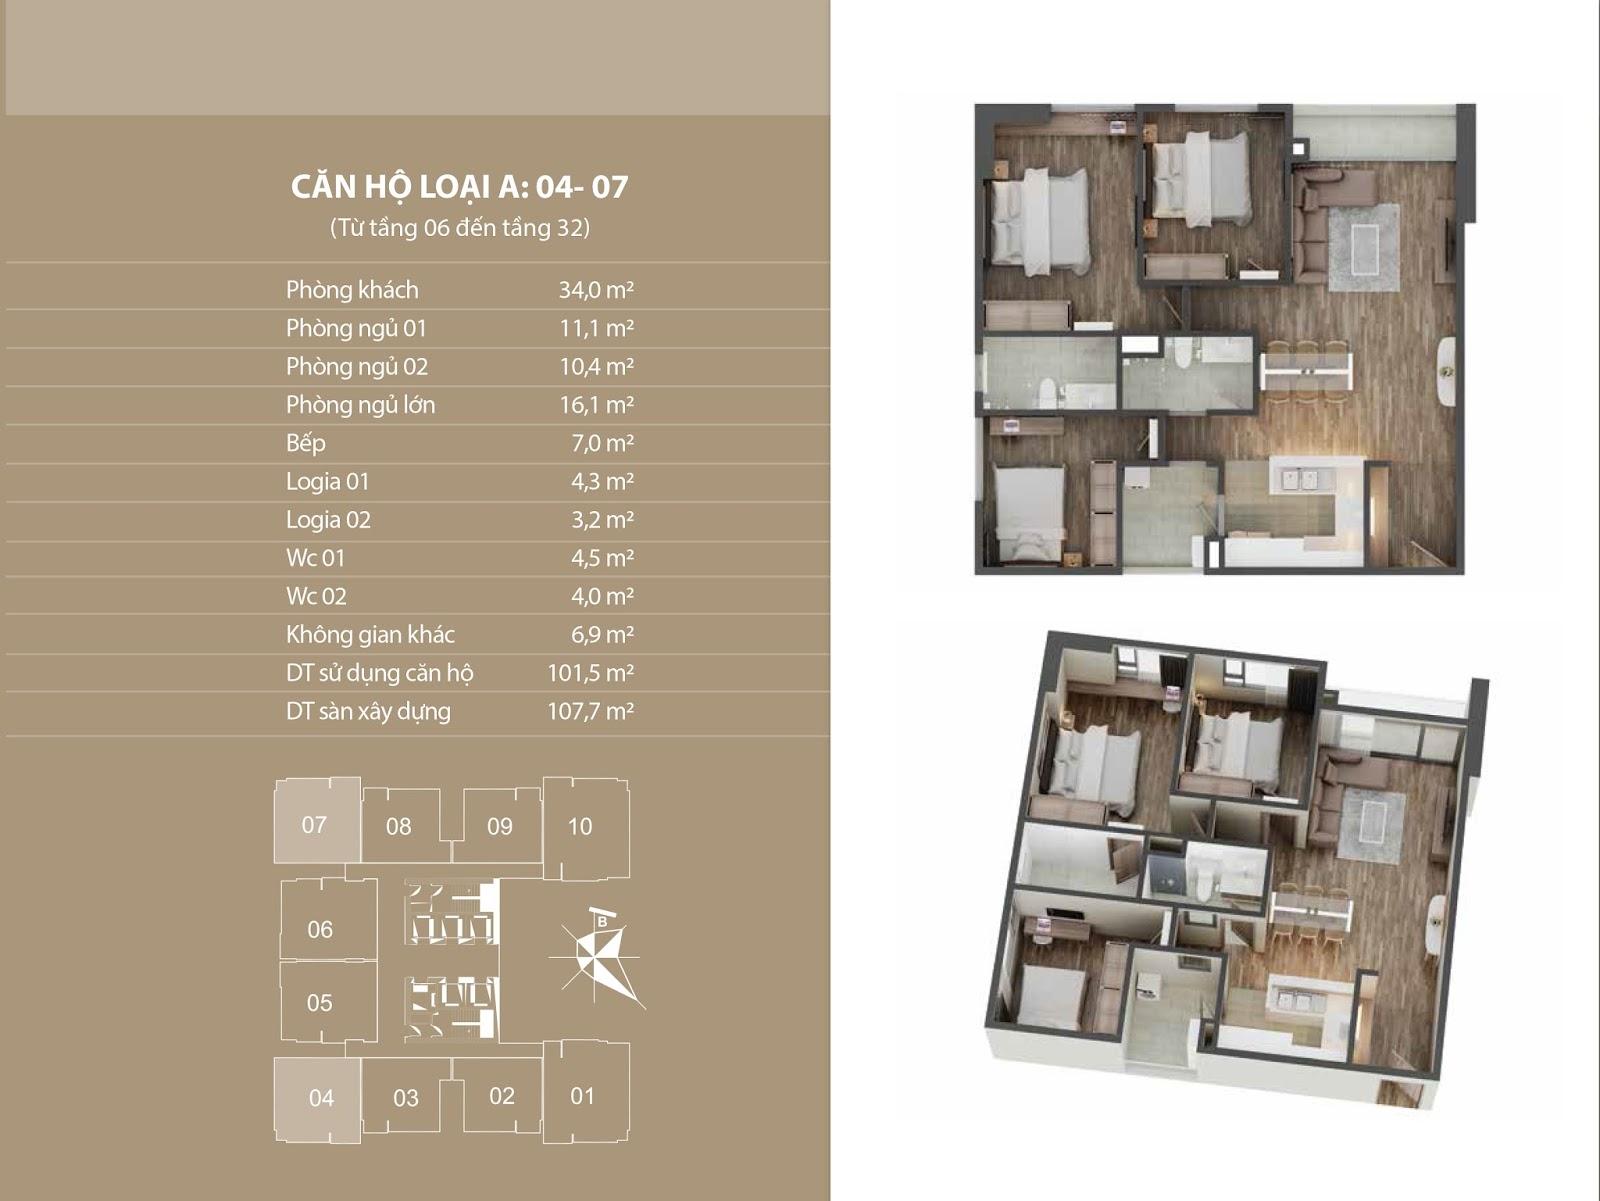 Vị trí căn 04 - 07 tại chung cư Phú Mỹ Complex  (N01T4 Ngoại Giao Đoàn)